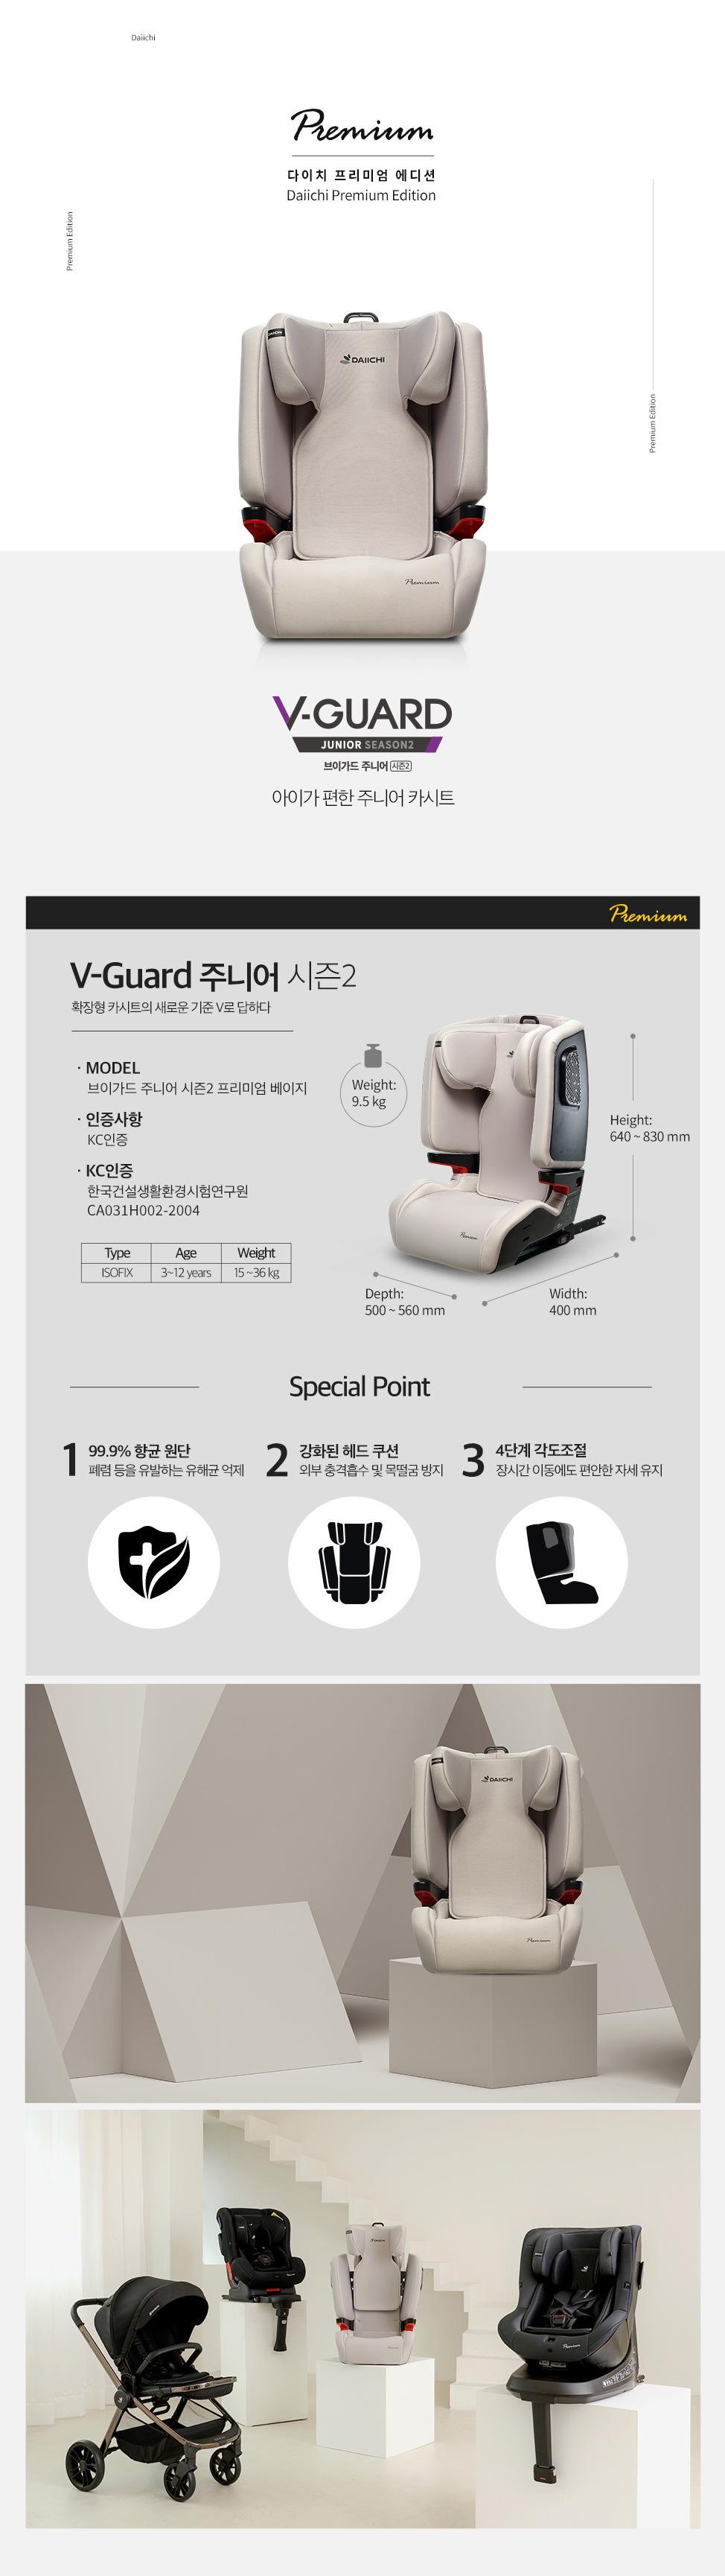 vguard2_j_pe_be_00.jpg